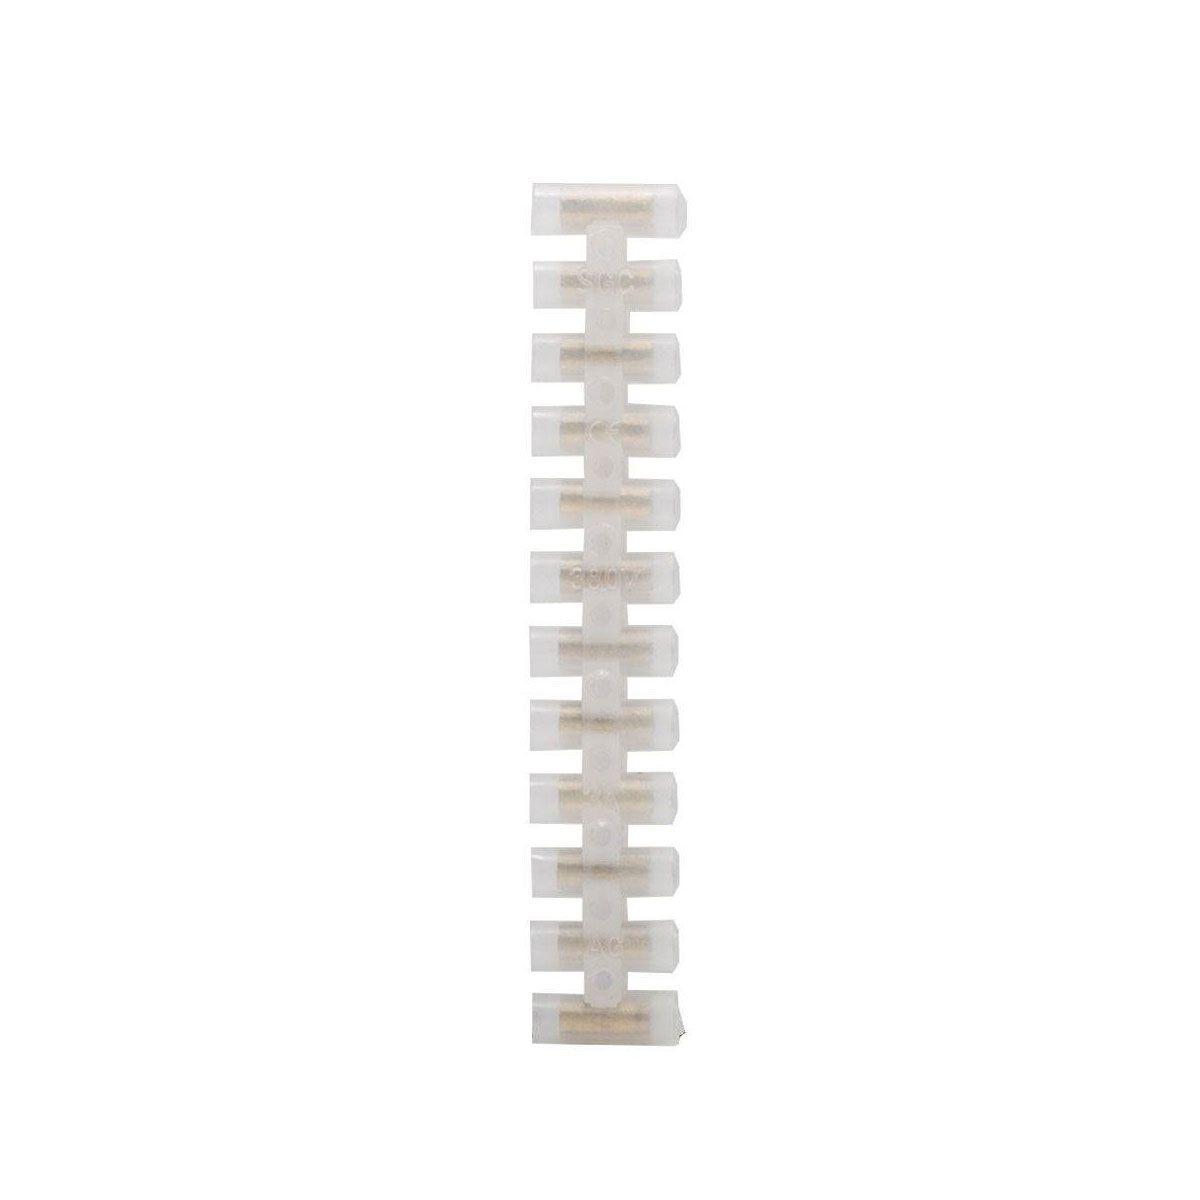 Conector em barra 3A 4mm / Conector Sindal